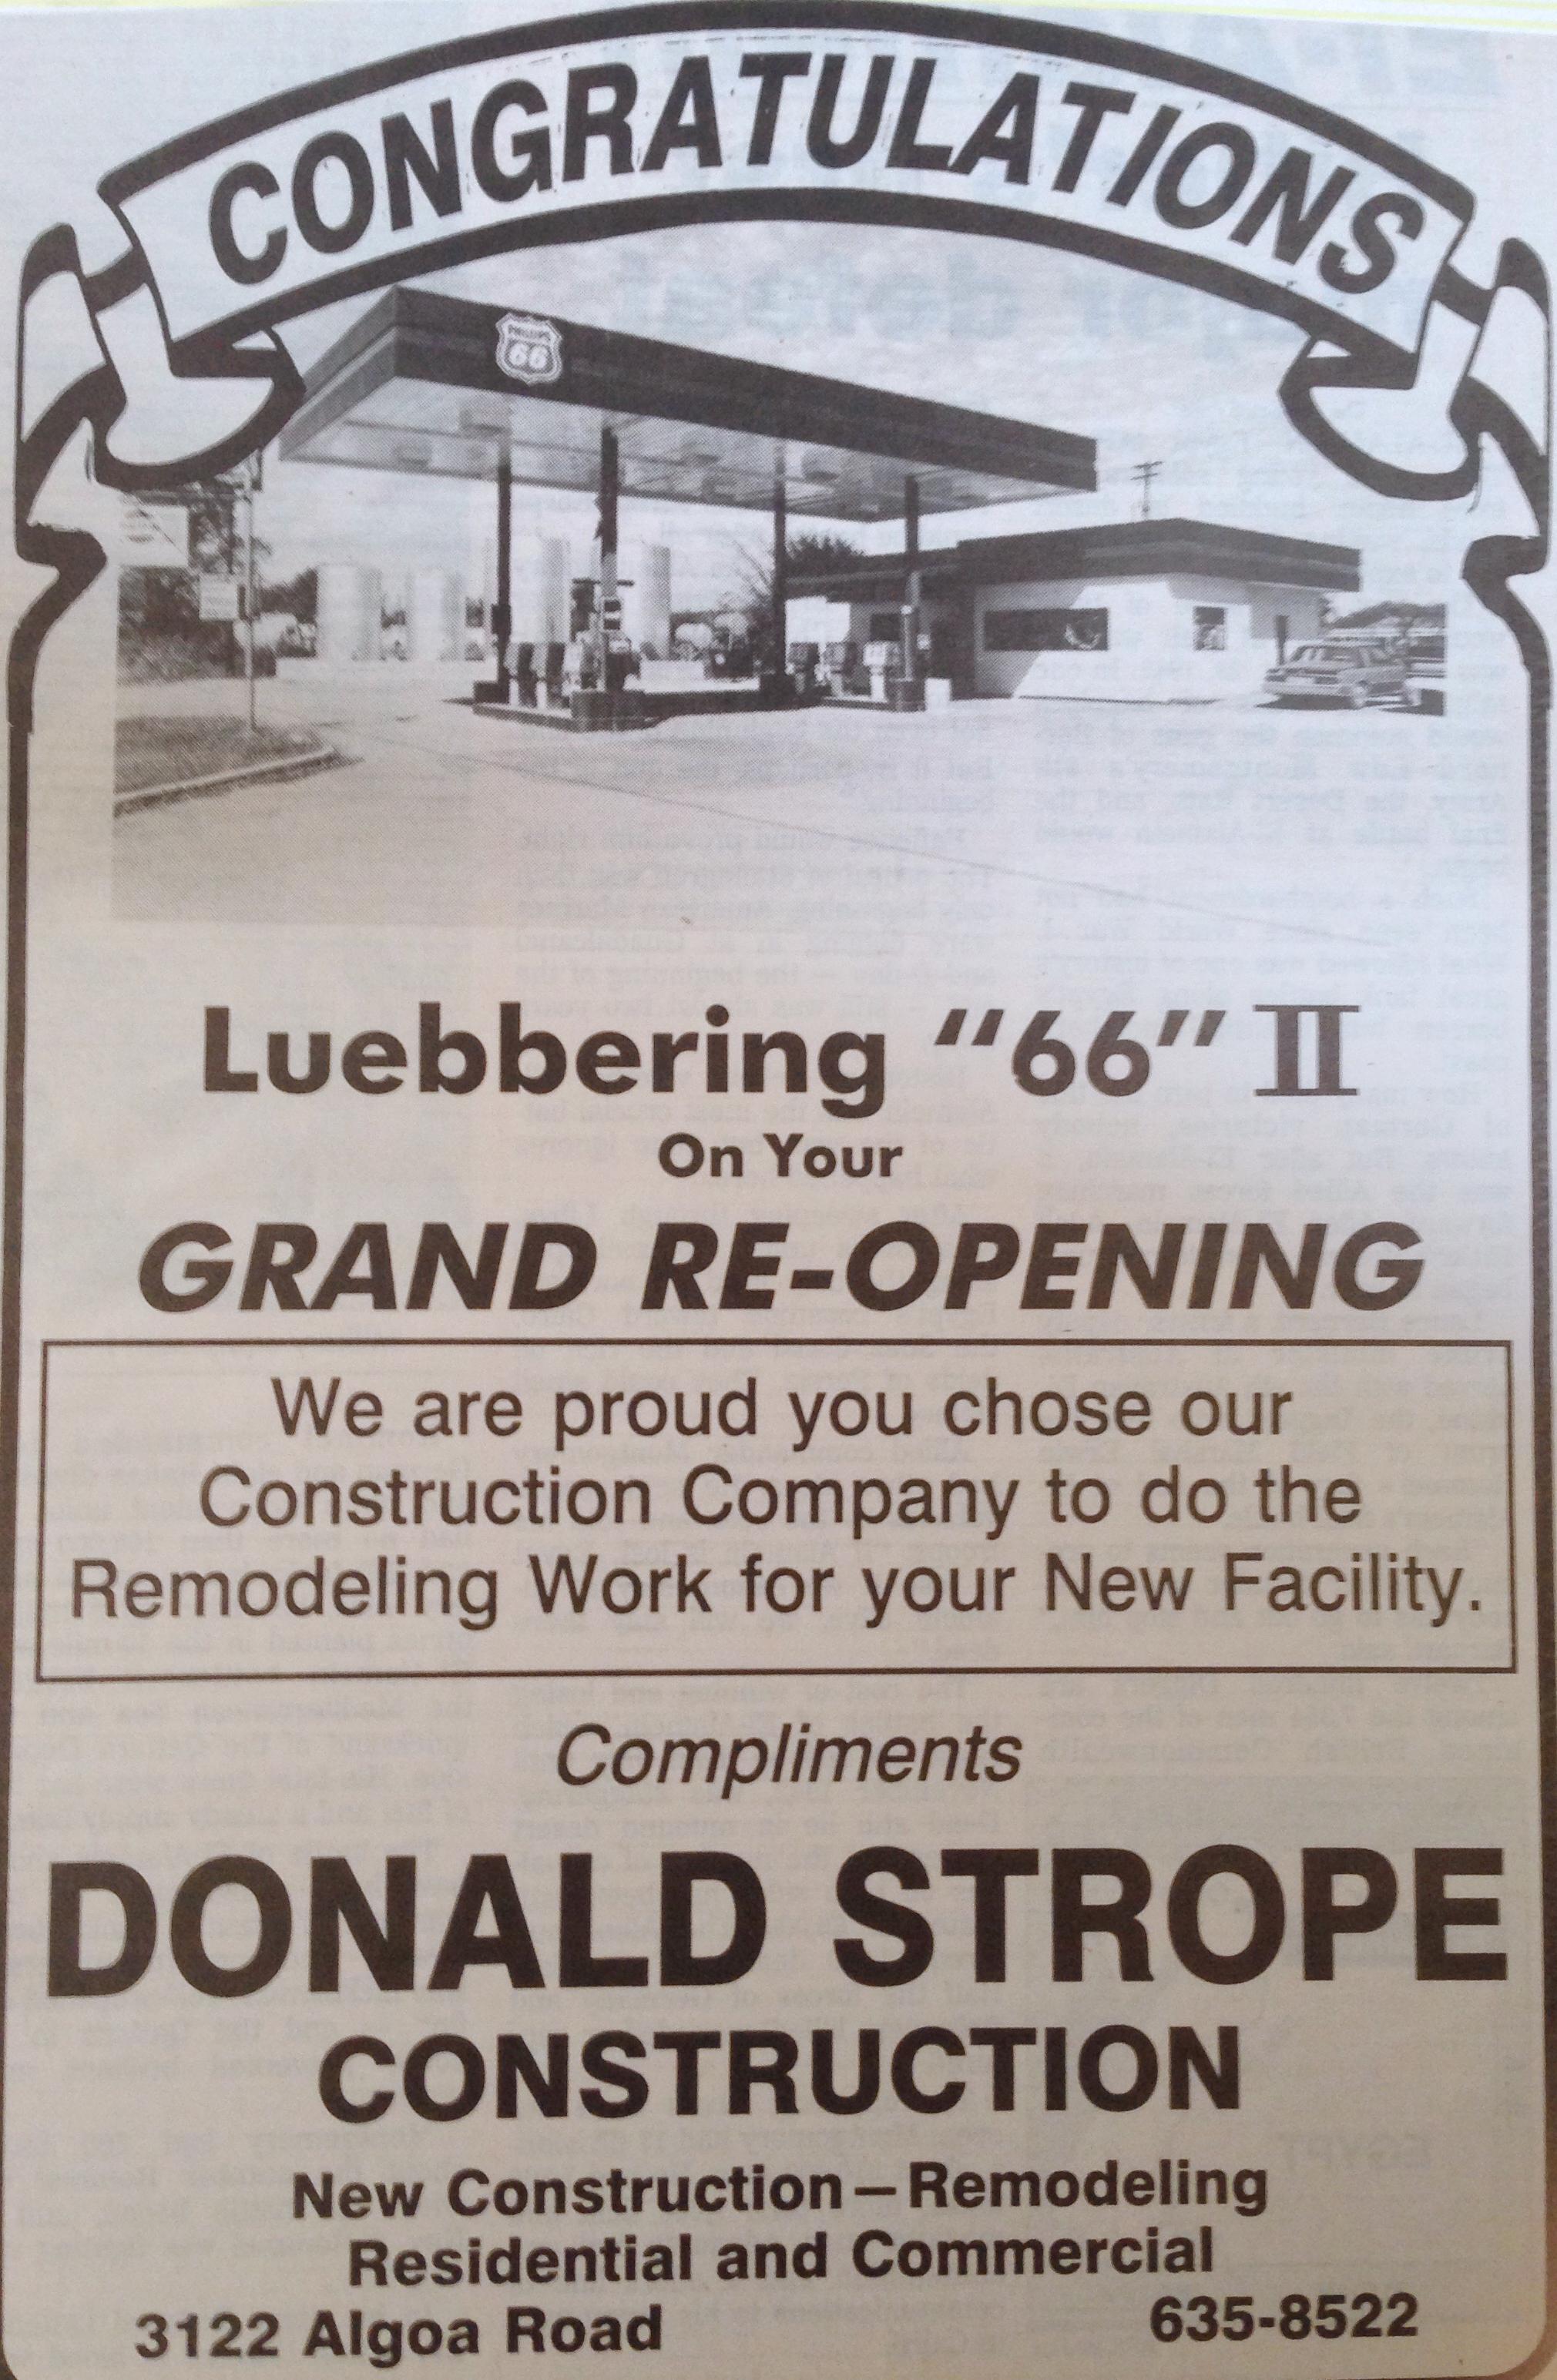 Luebbering's 66 II